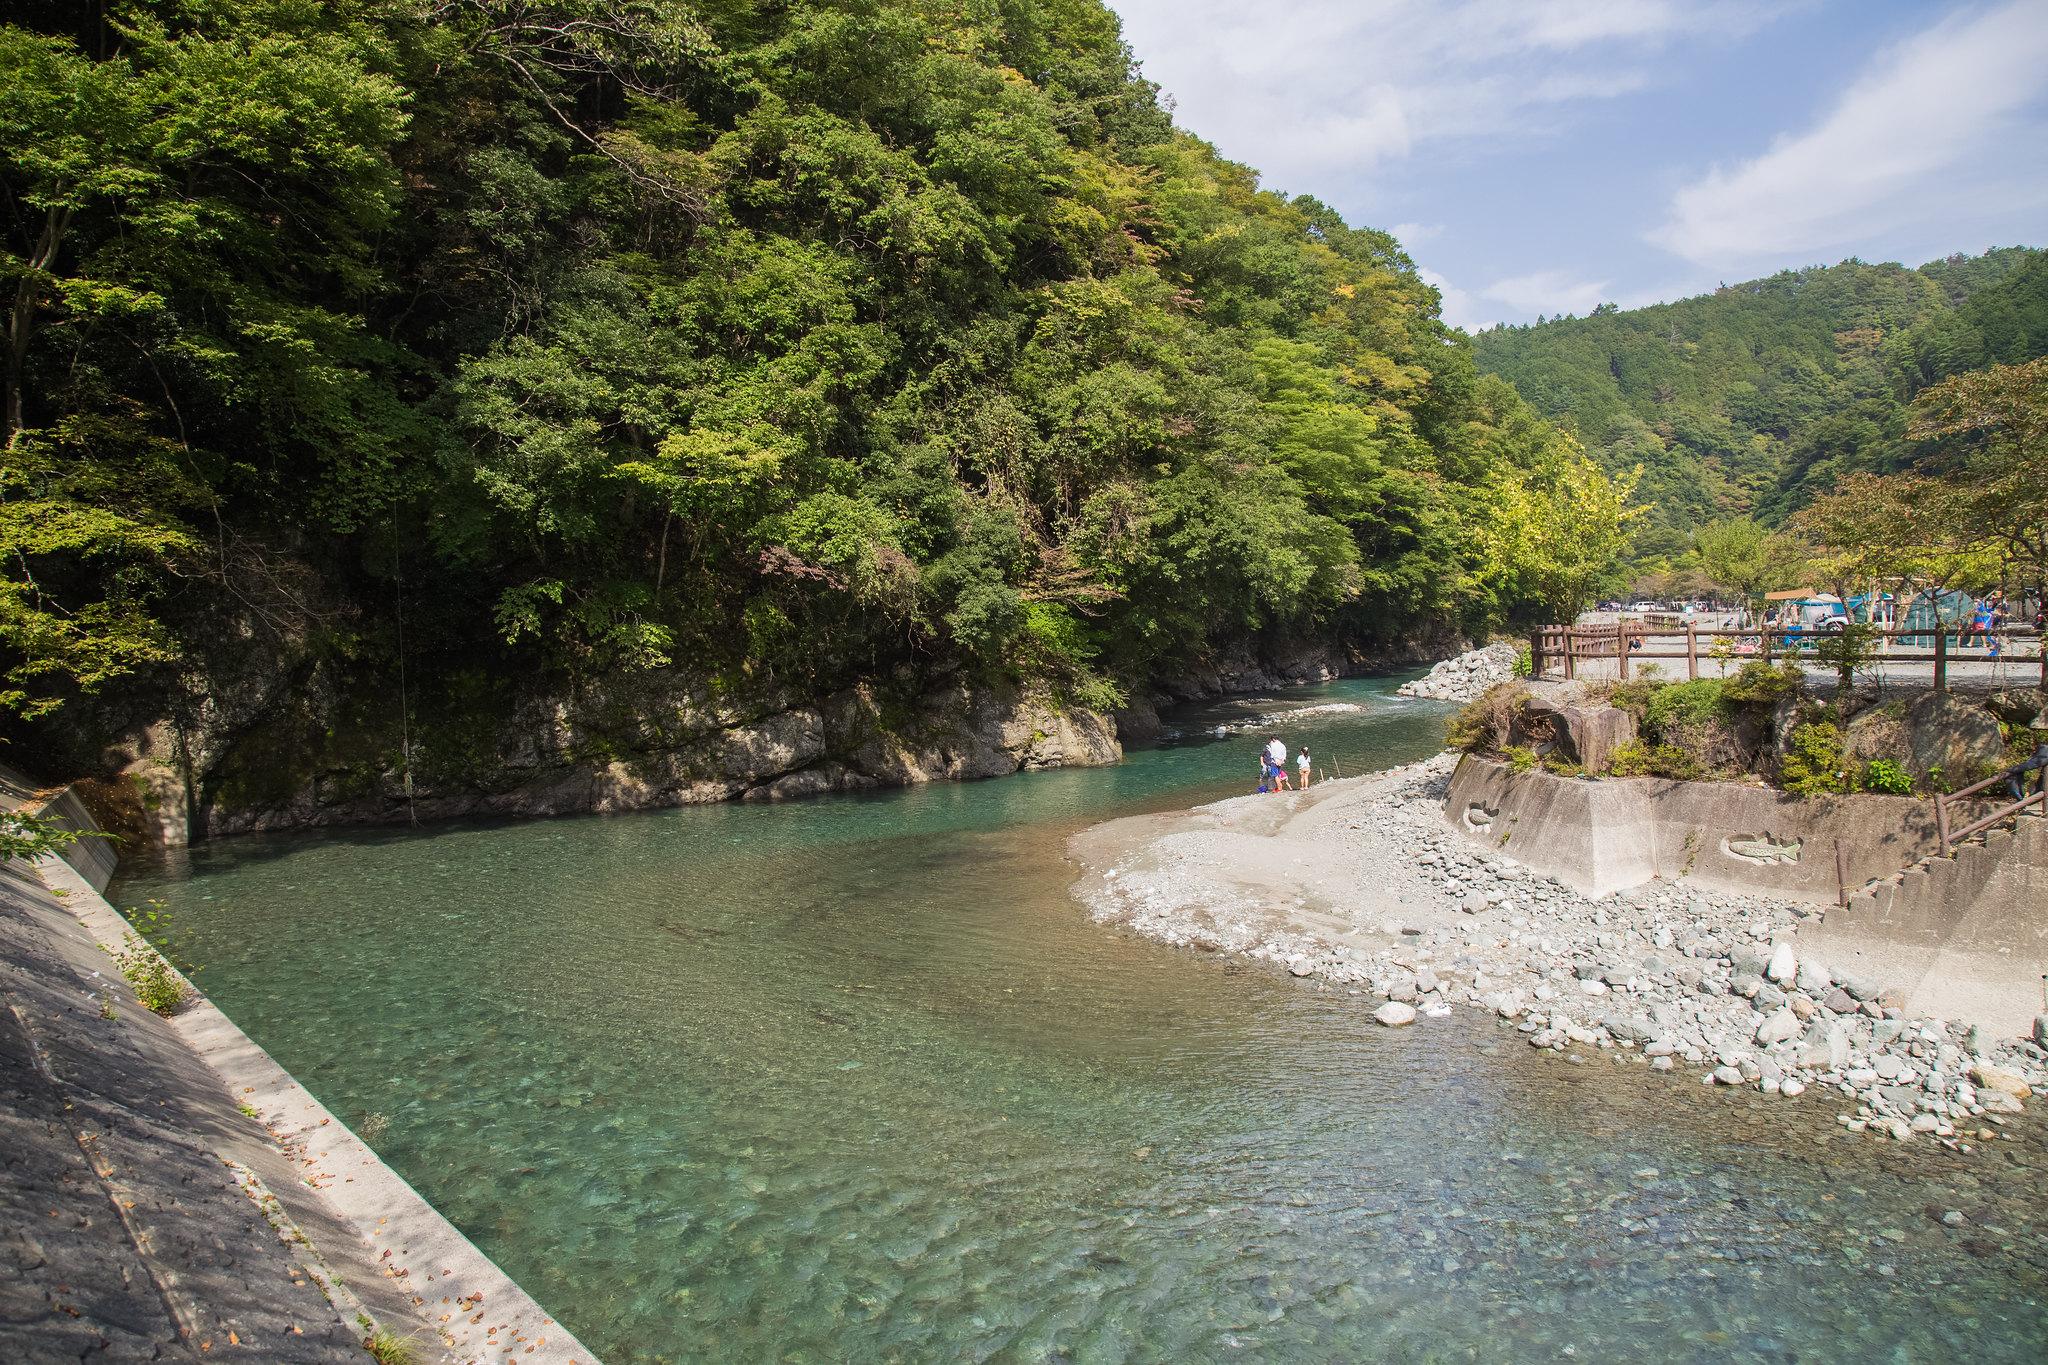 2014-10-11 神之川キャンプ場と青根コスモス園 003